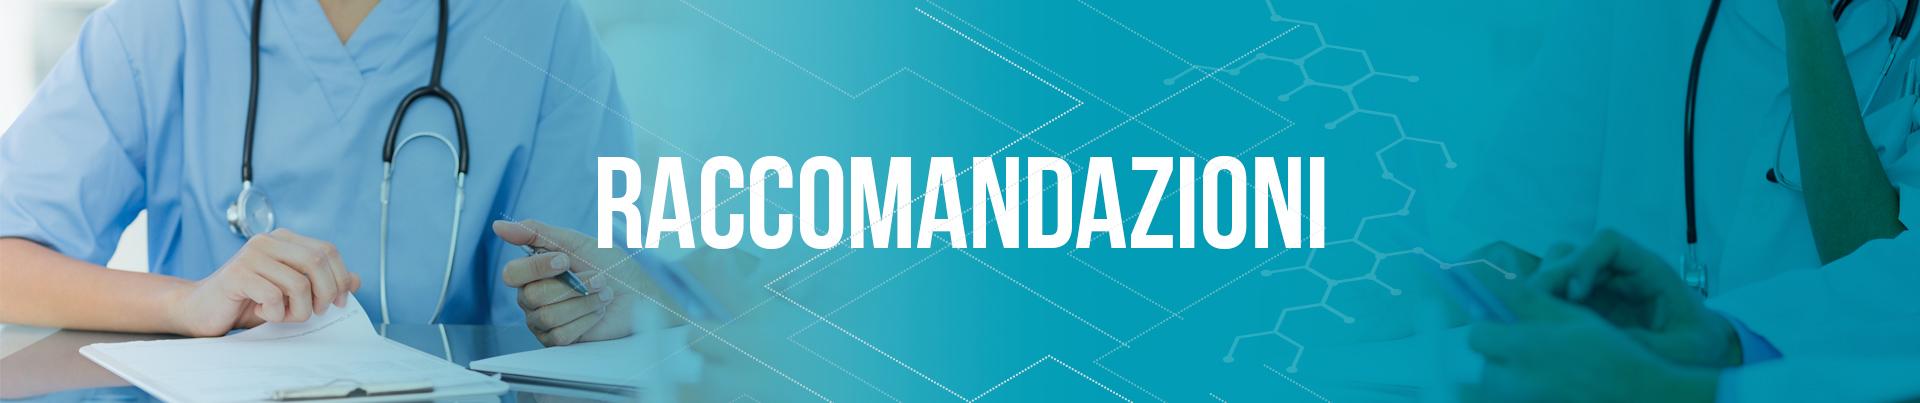 CORONAVIRUS: RACCOMANDAZIONI PER LE PERSONE IN ISOLAMENTO DOMICILIARE